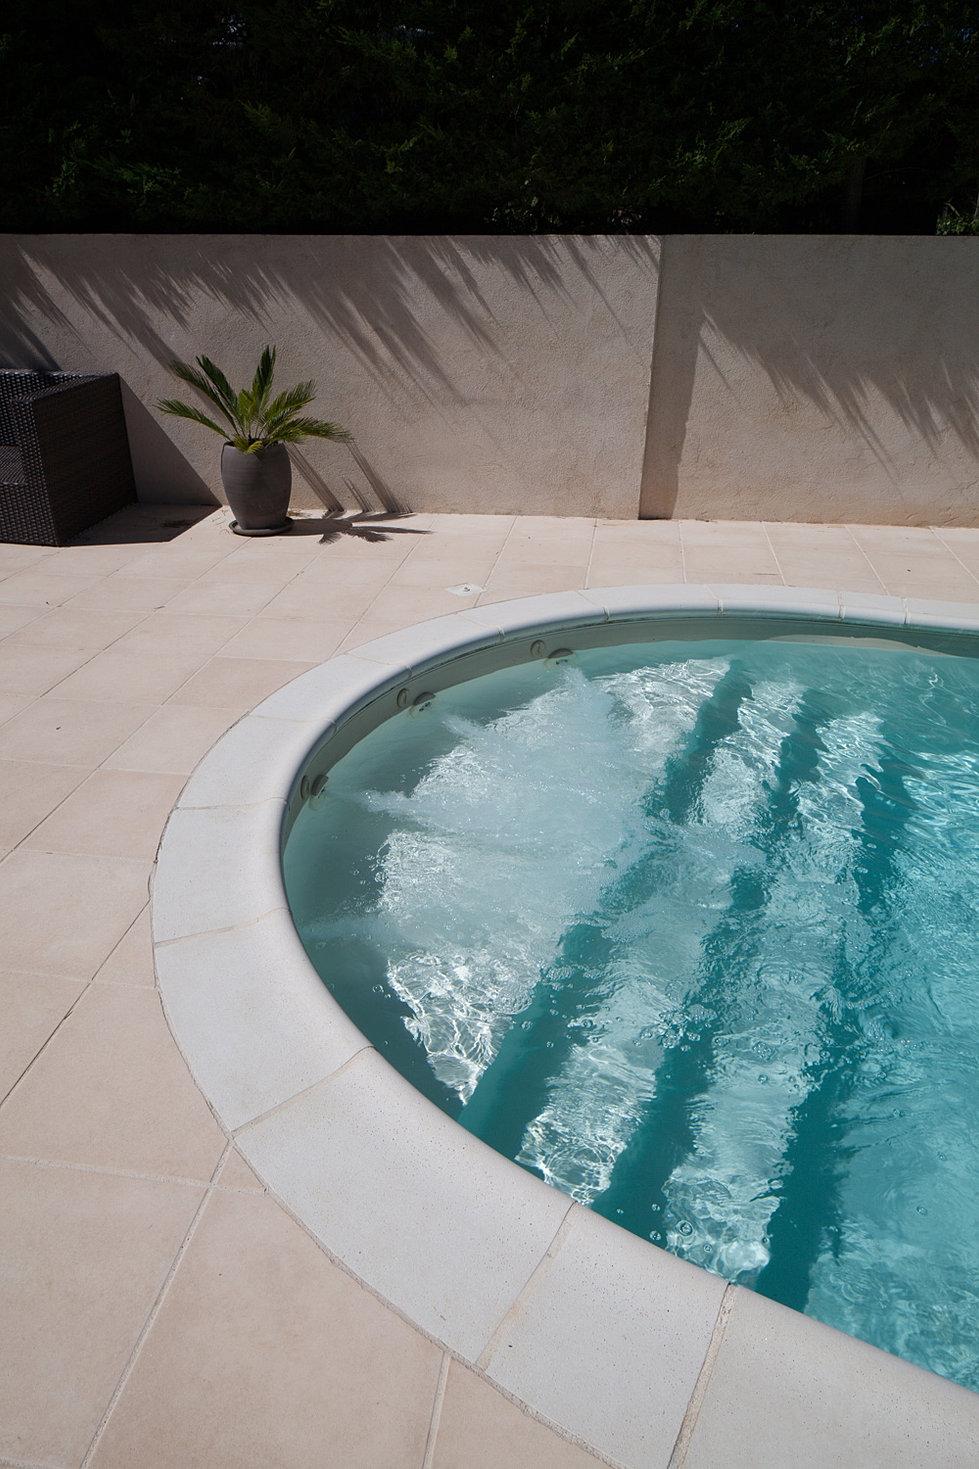 Gard magiline aquaterre construction piscine sur mesure for Construction piscine magiline